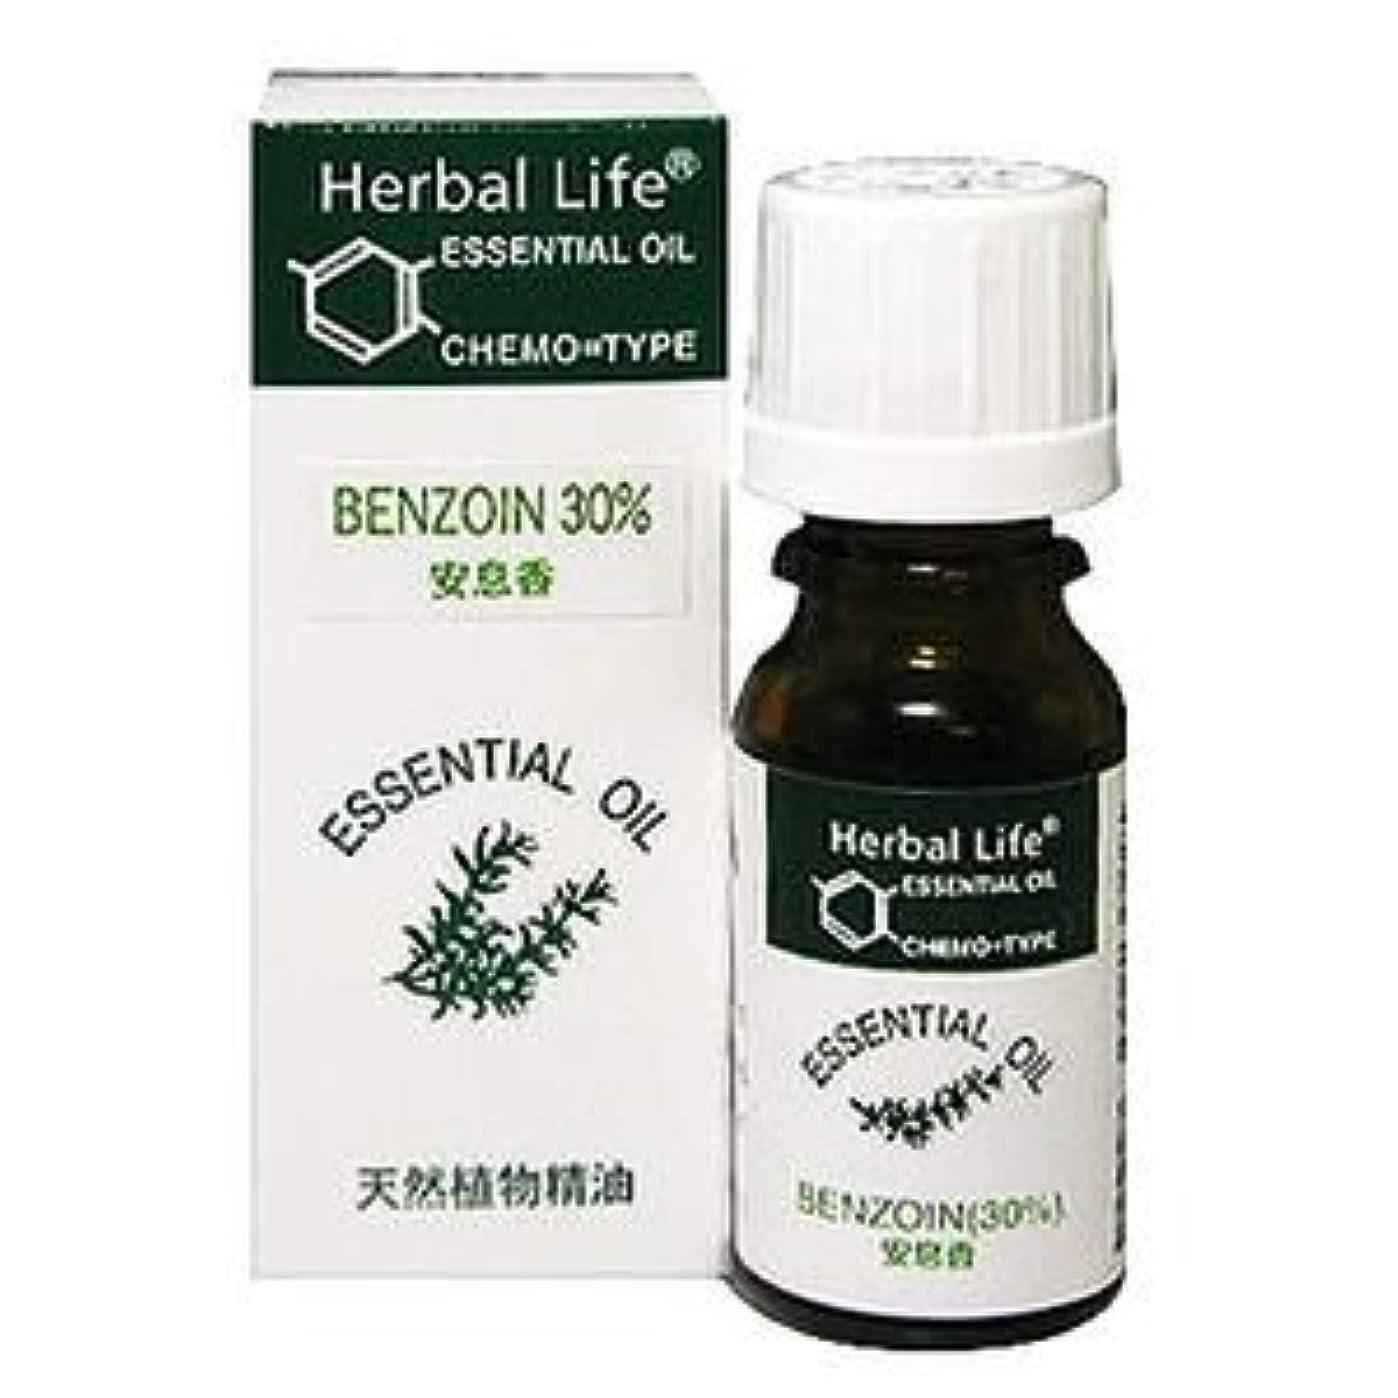 パノラマブランチ言語学Herbal Life ベンゾイン(安息香) 10ml